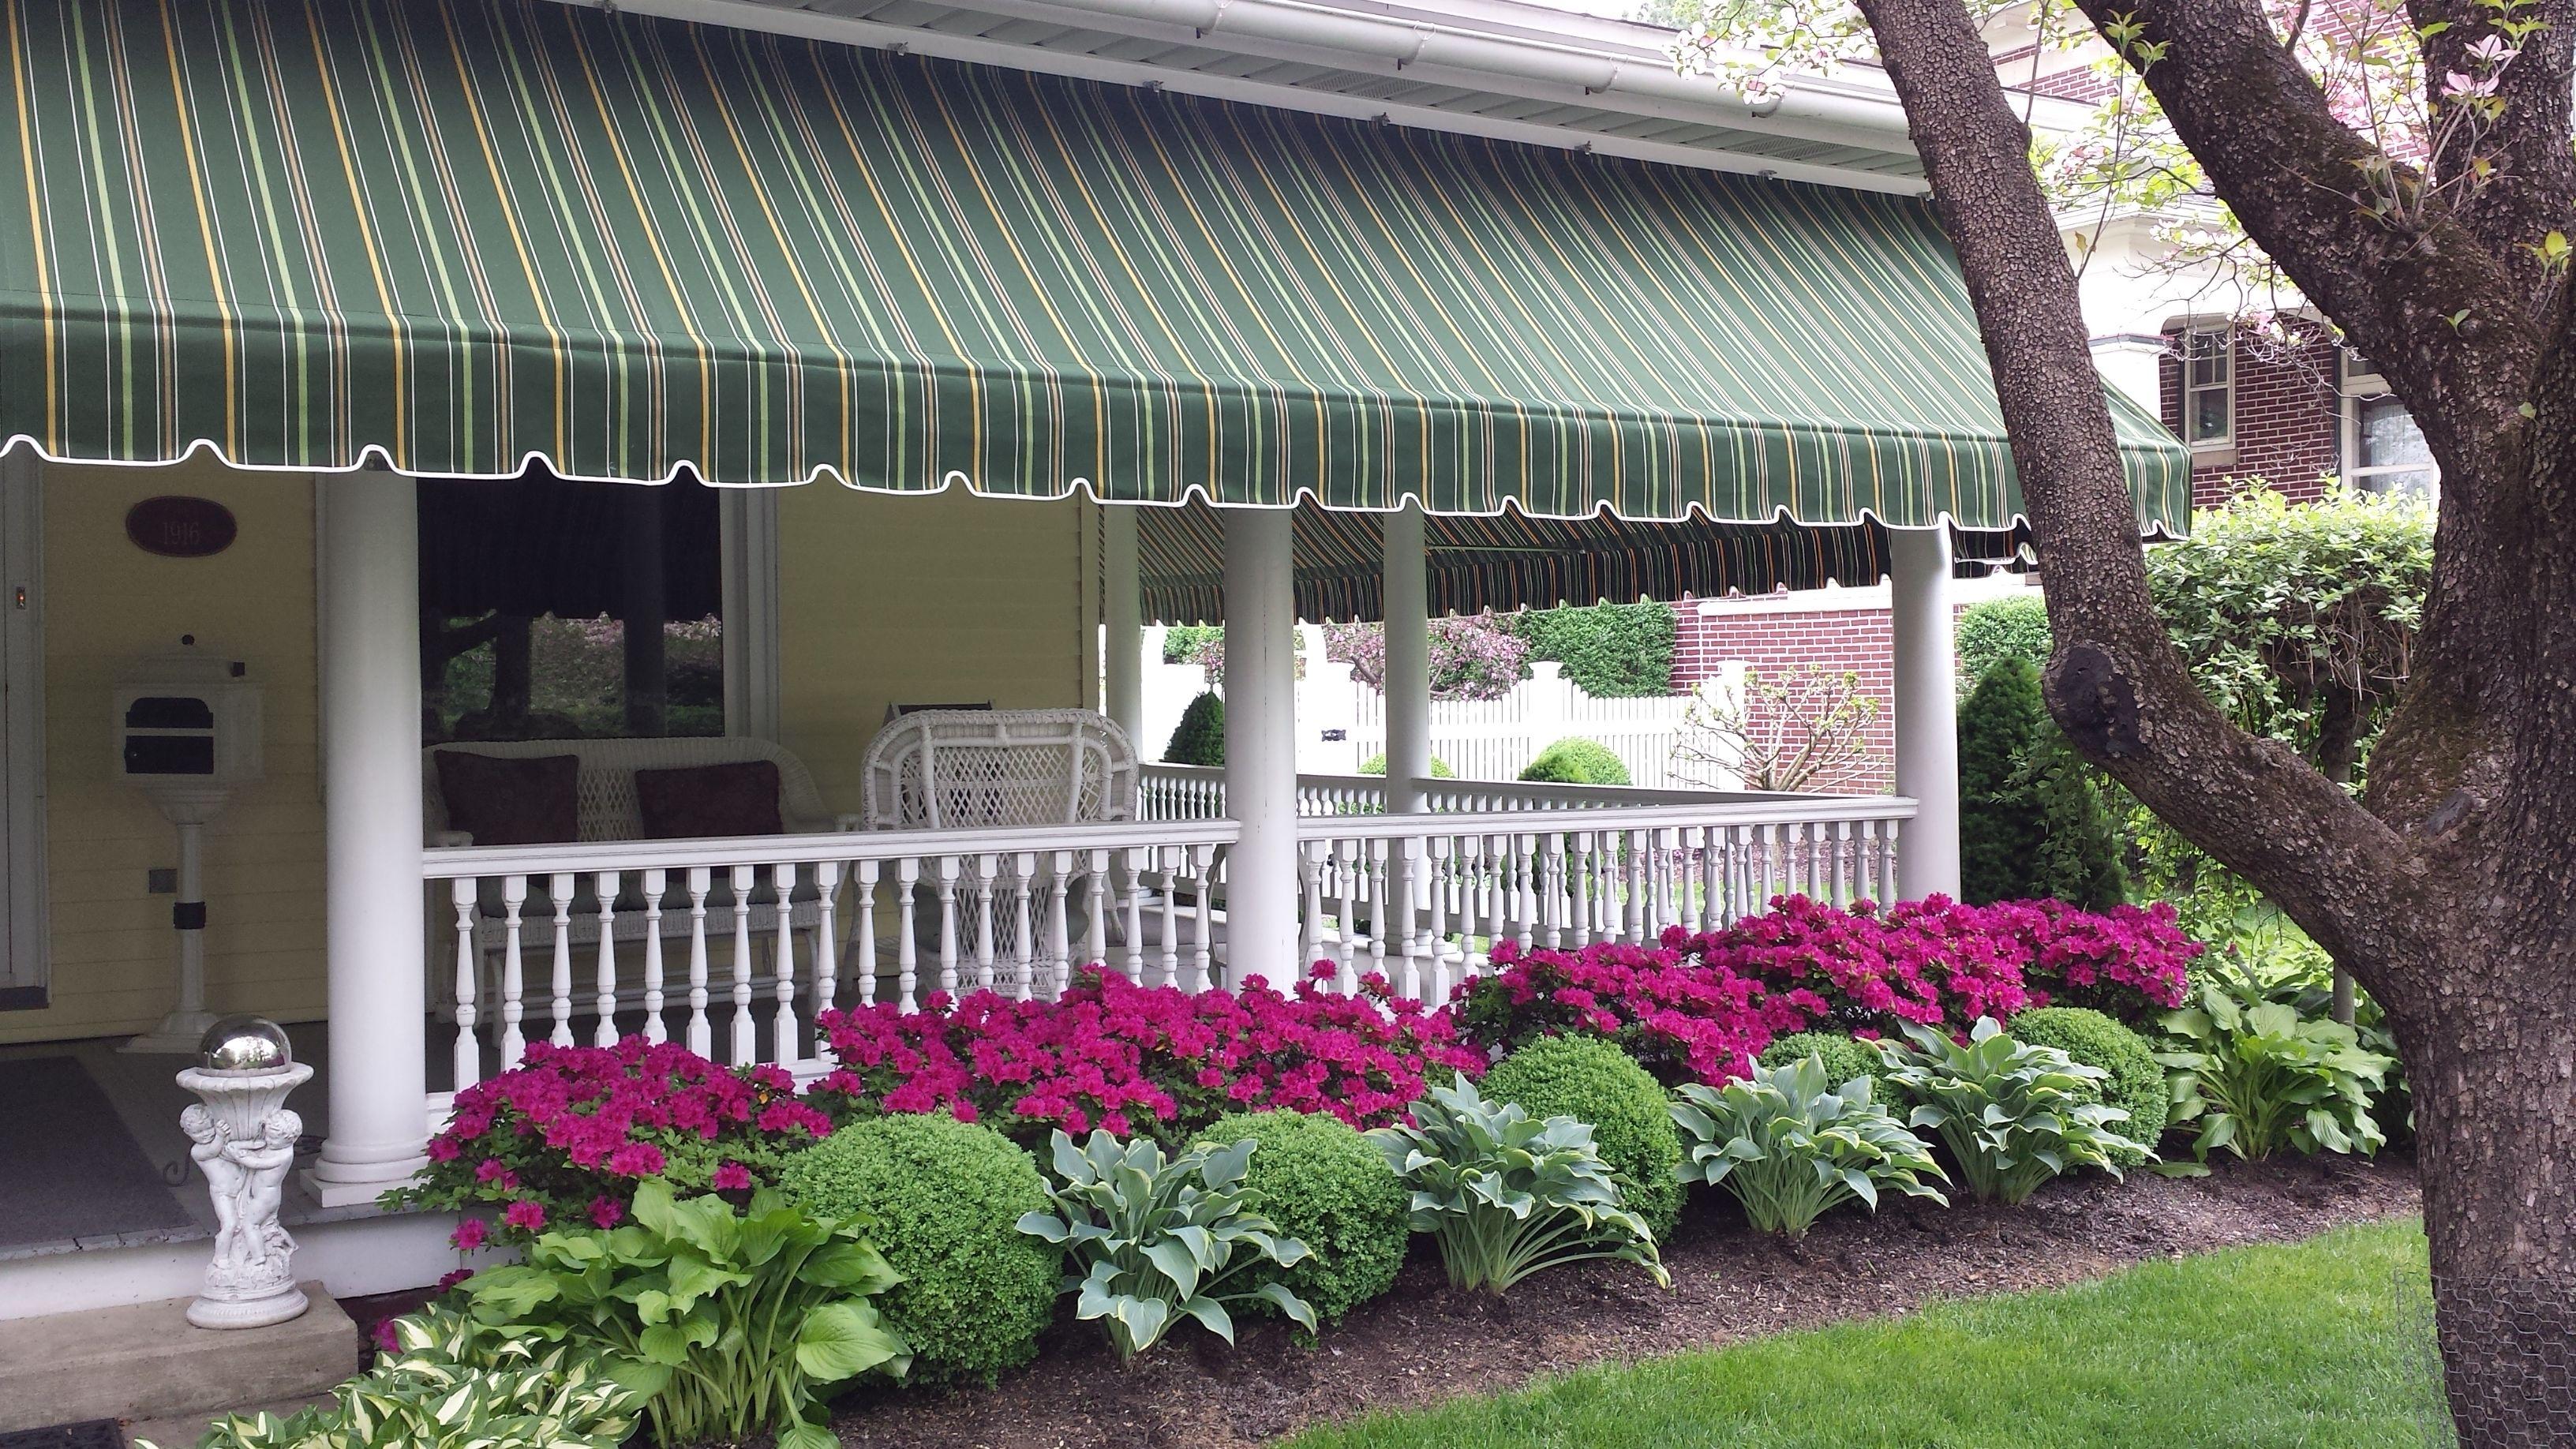 Beautiful Striped Sunbrella Porch Awning